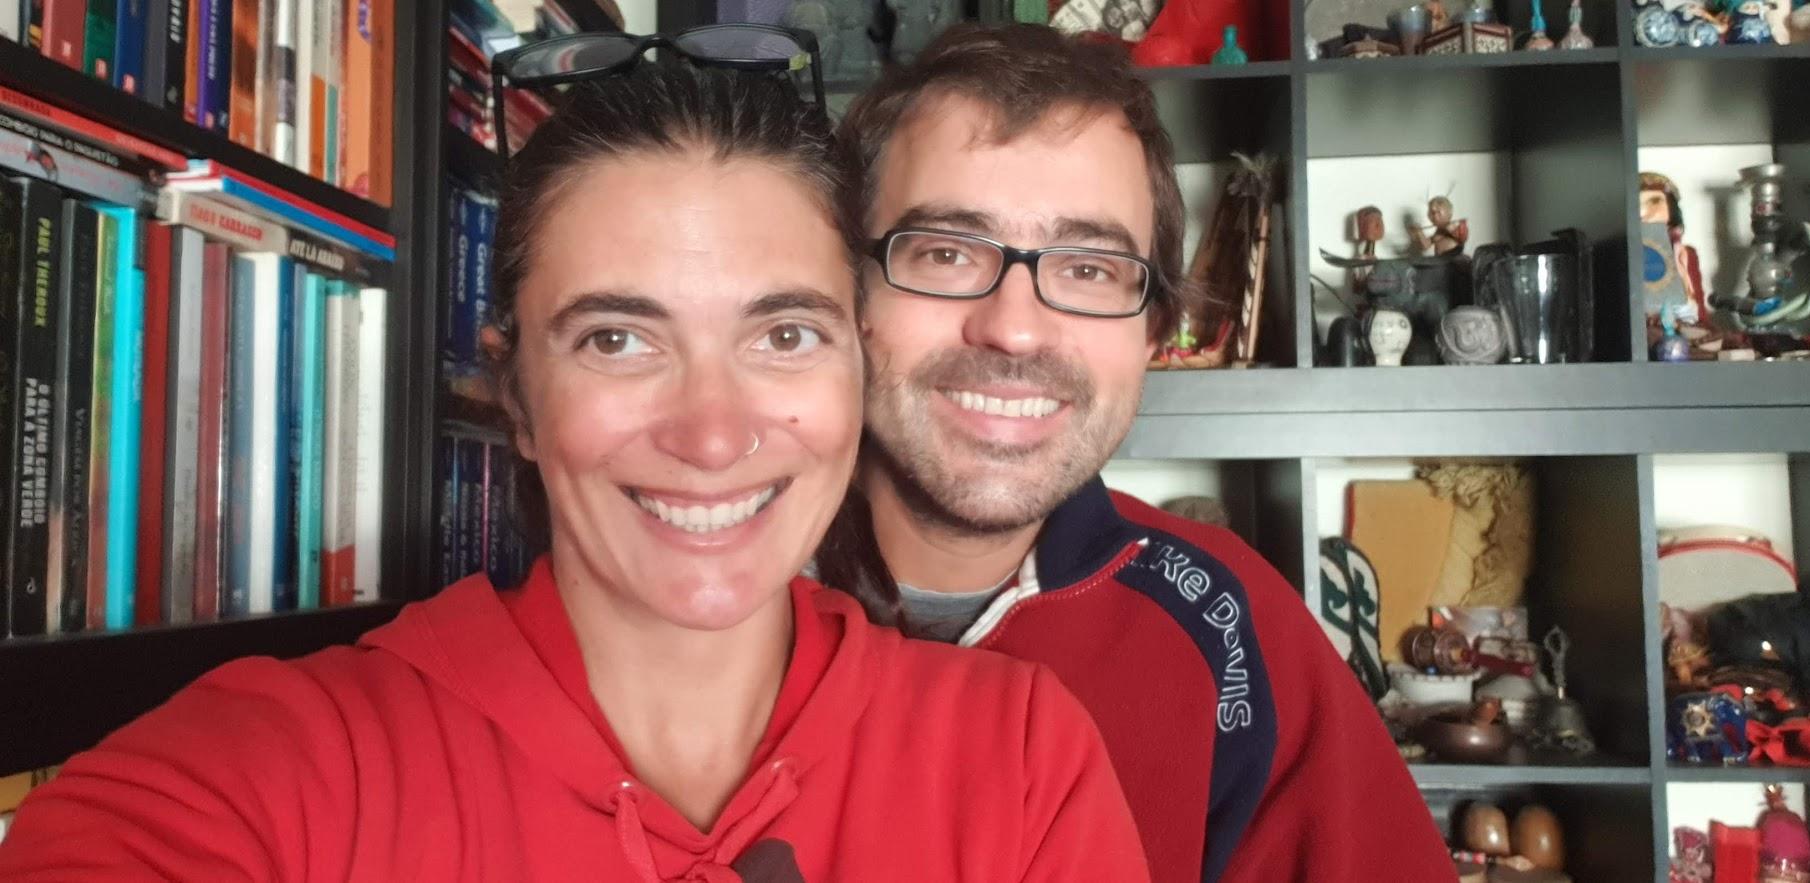 VIAJANTES EM QUARENTENA - Como sobrevivemos a um mês de QUARENTENA sem sair de casa